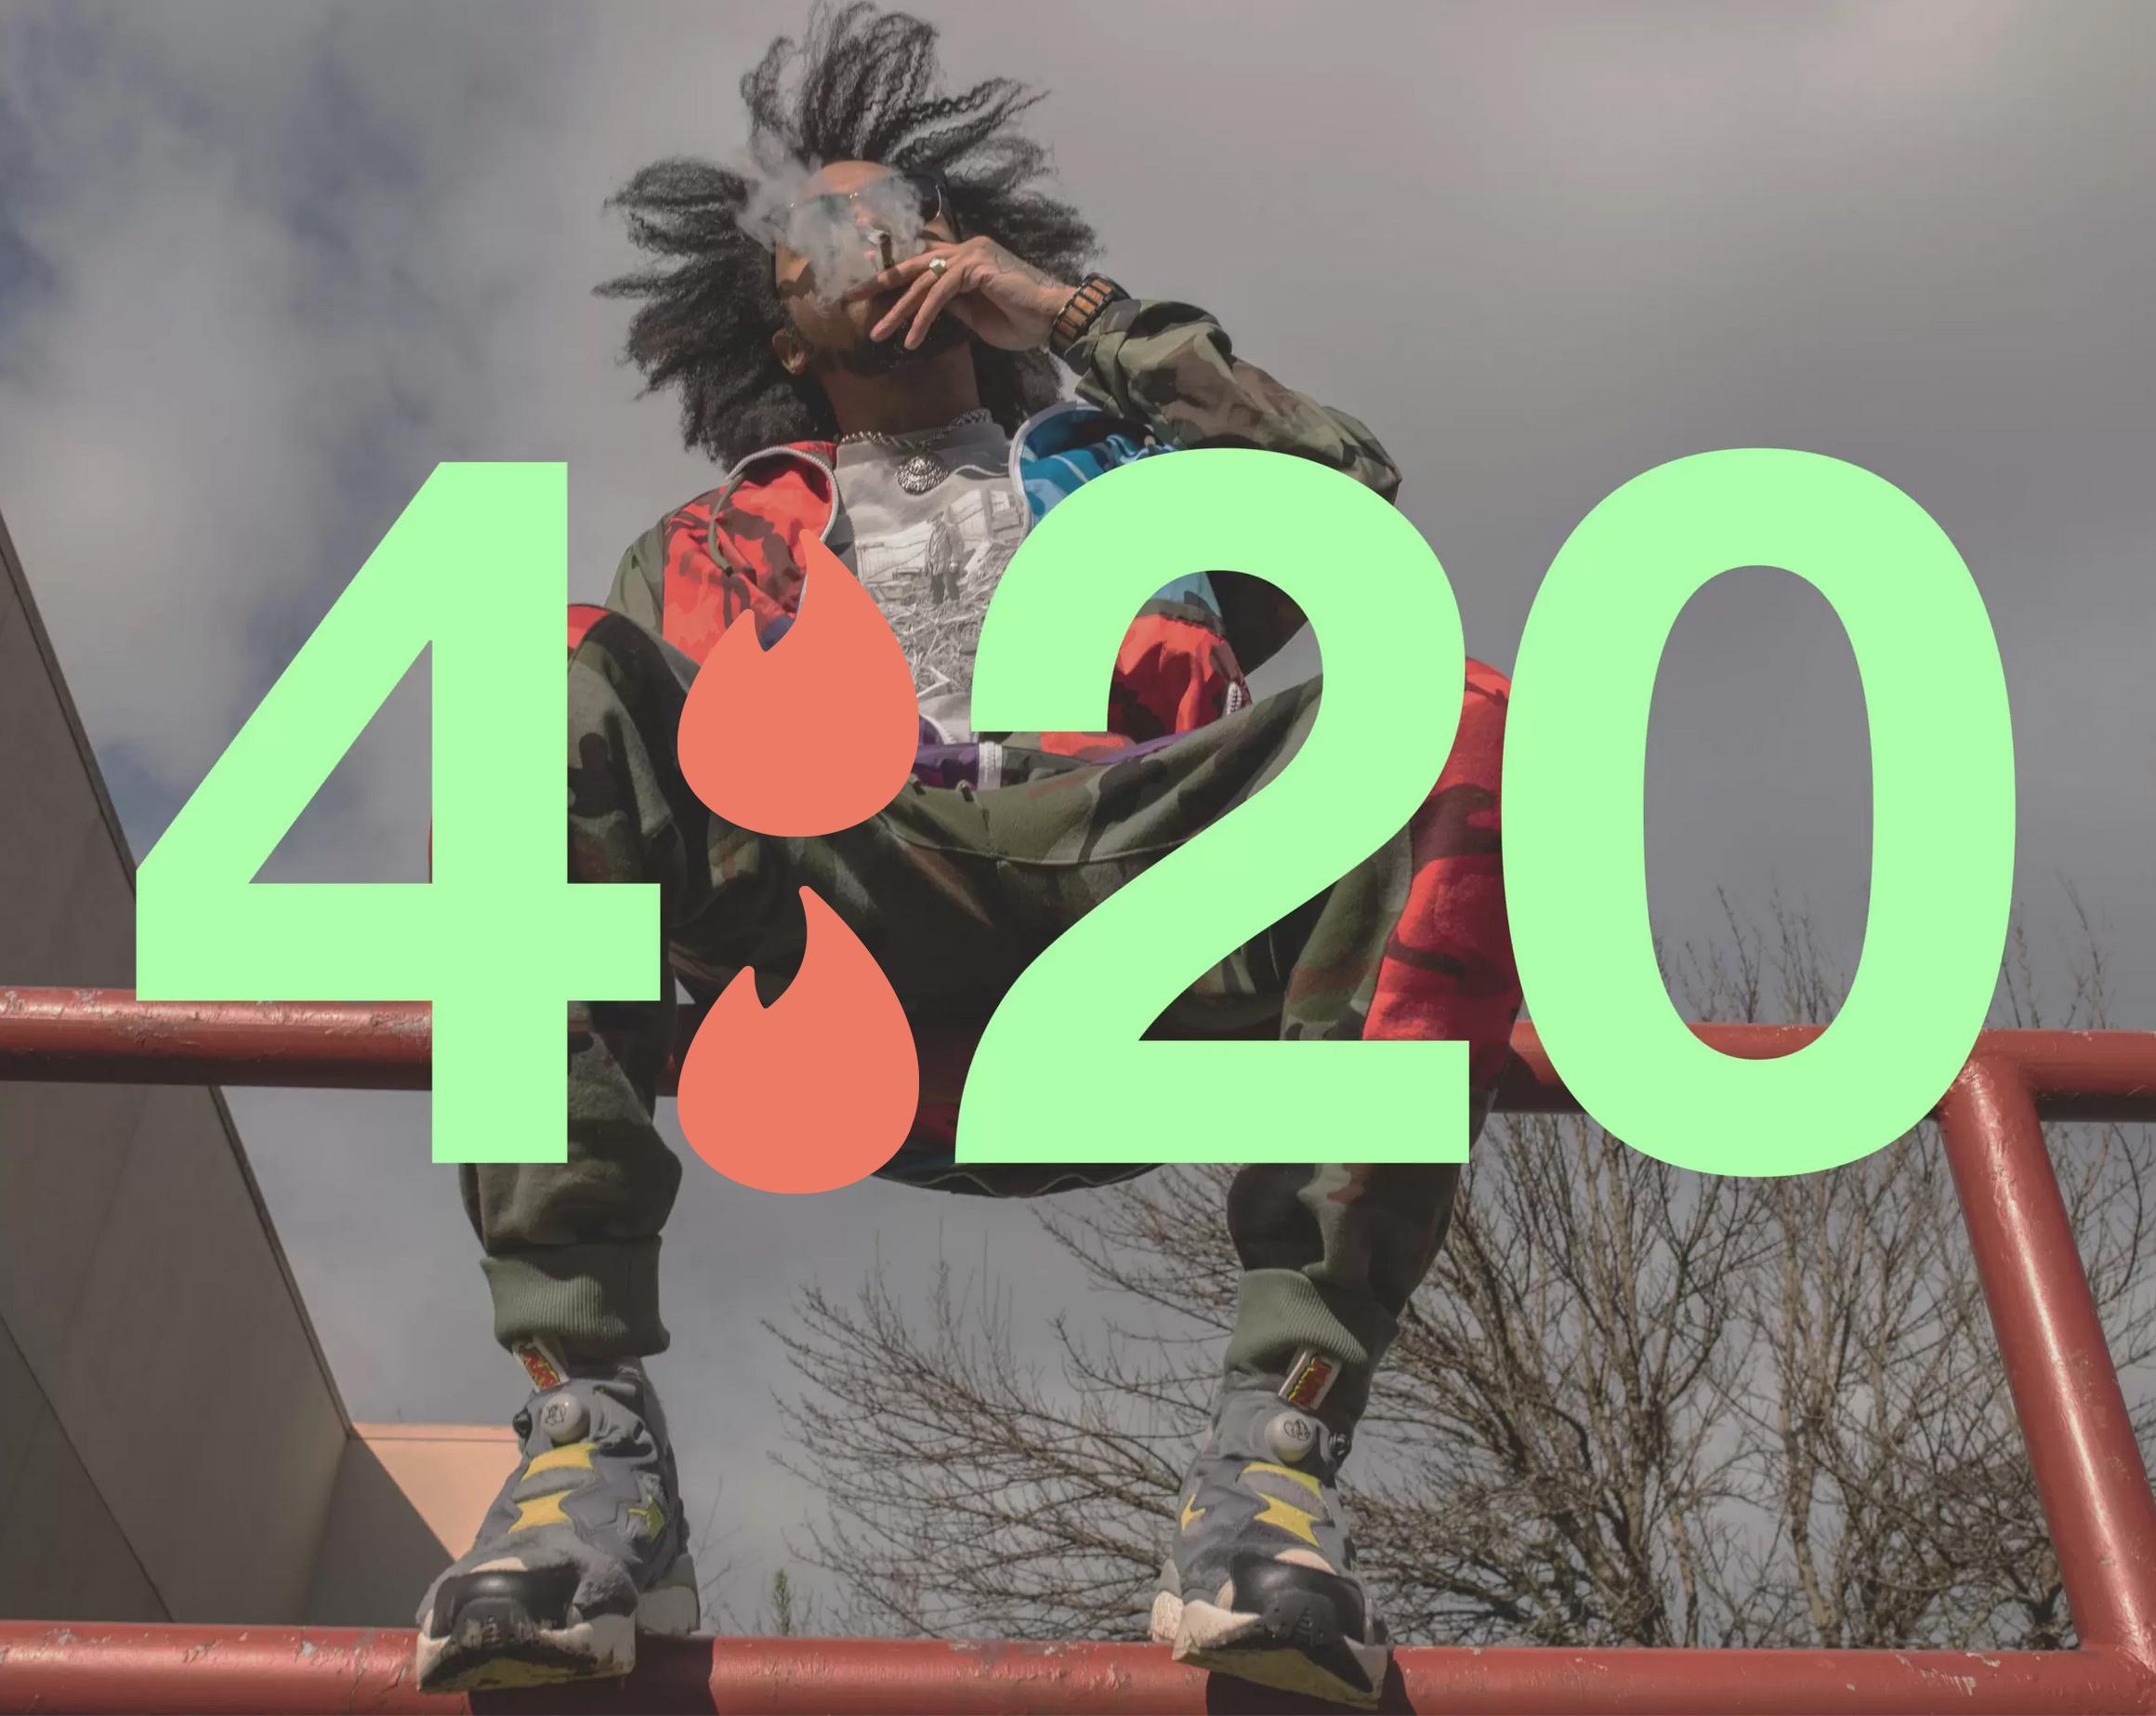 Tinder 420 Paddle Education